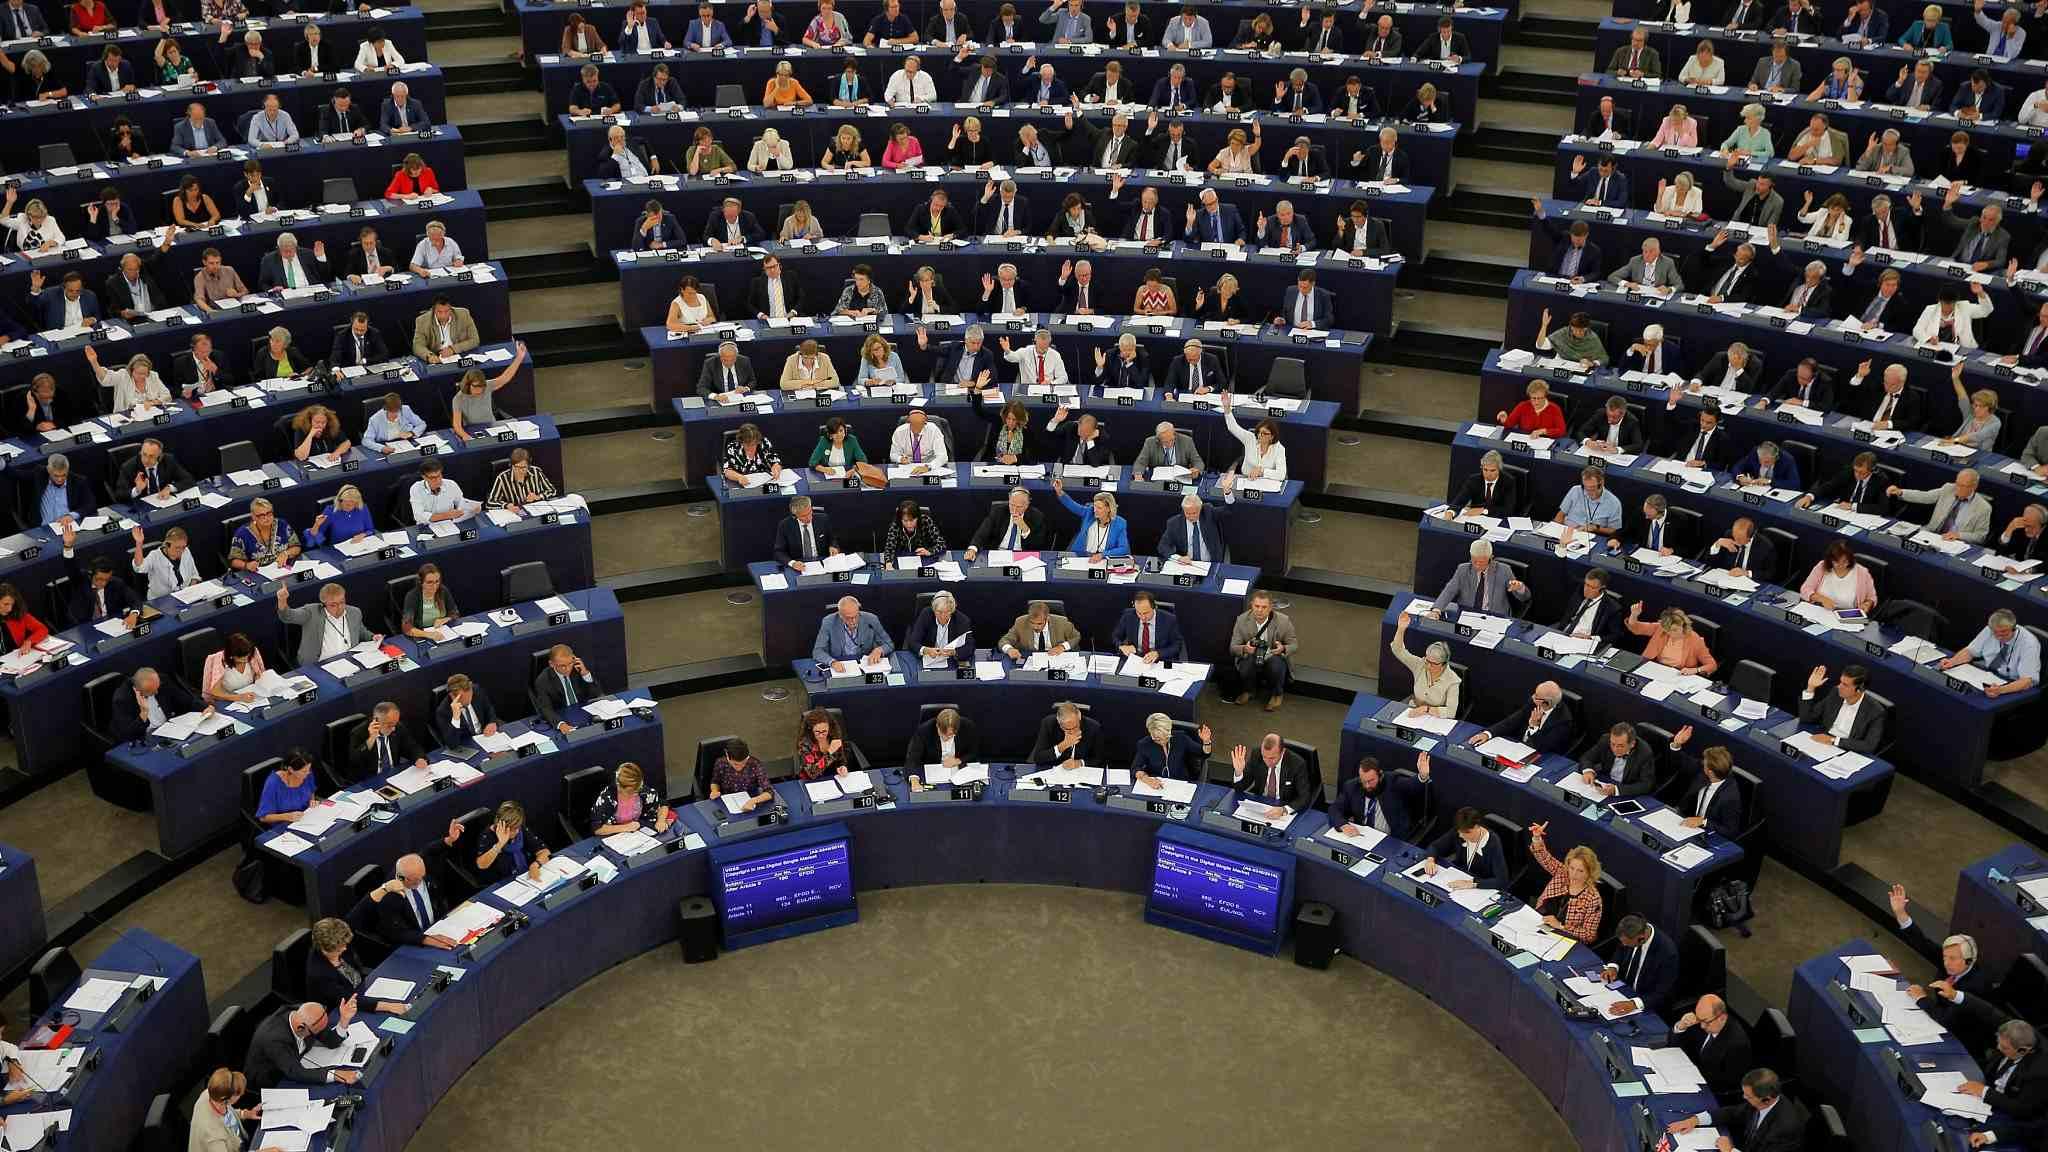 EU parliament approves sanction process against Hungary